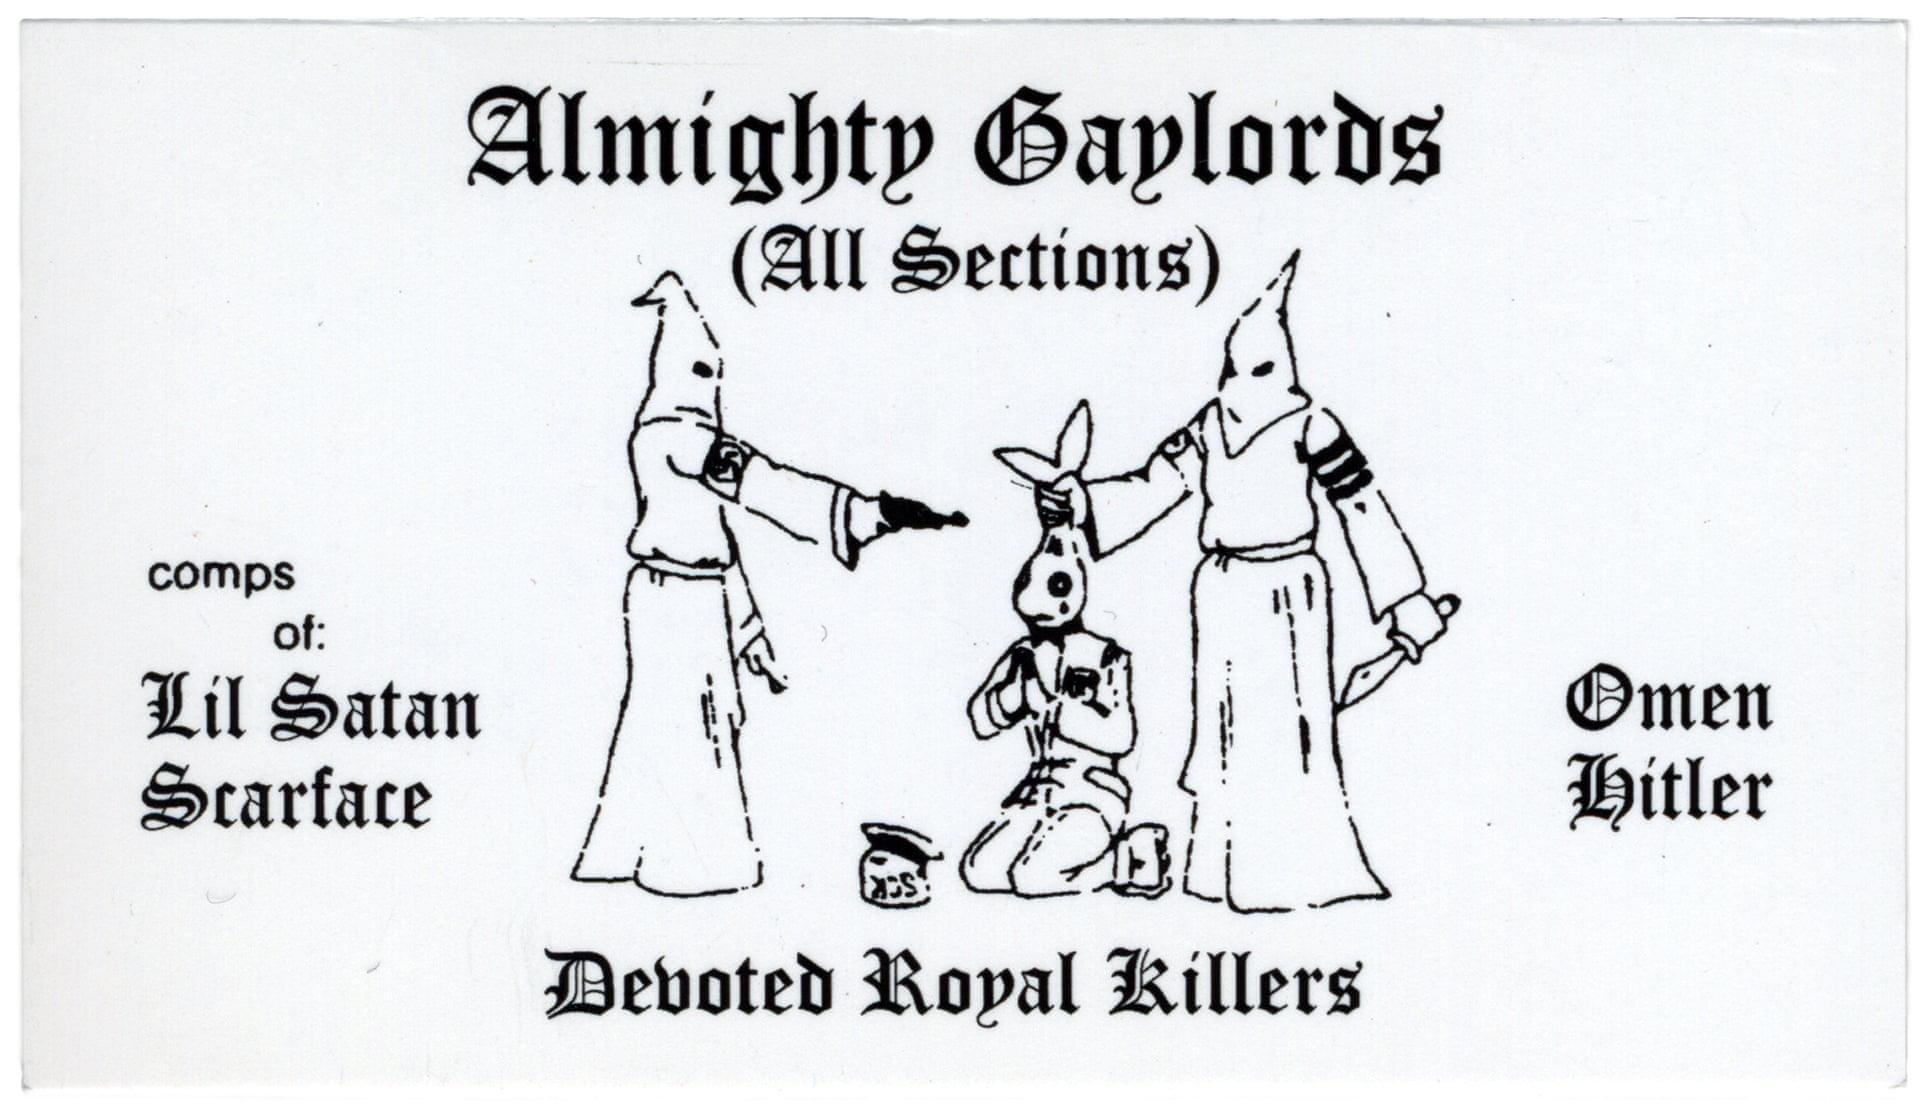 Compliments of Chicago - Cartes de visite de gang des années 1970 et 1980